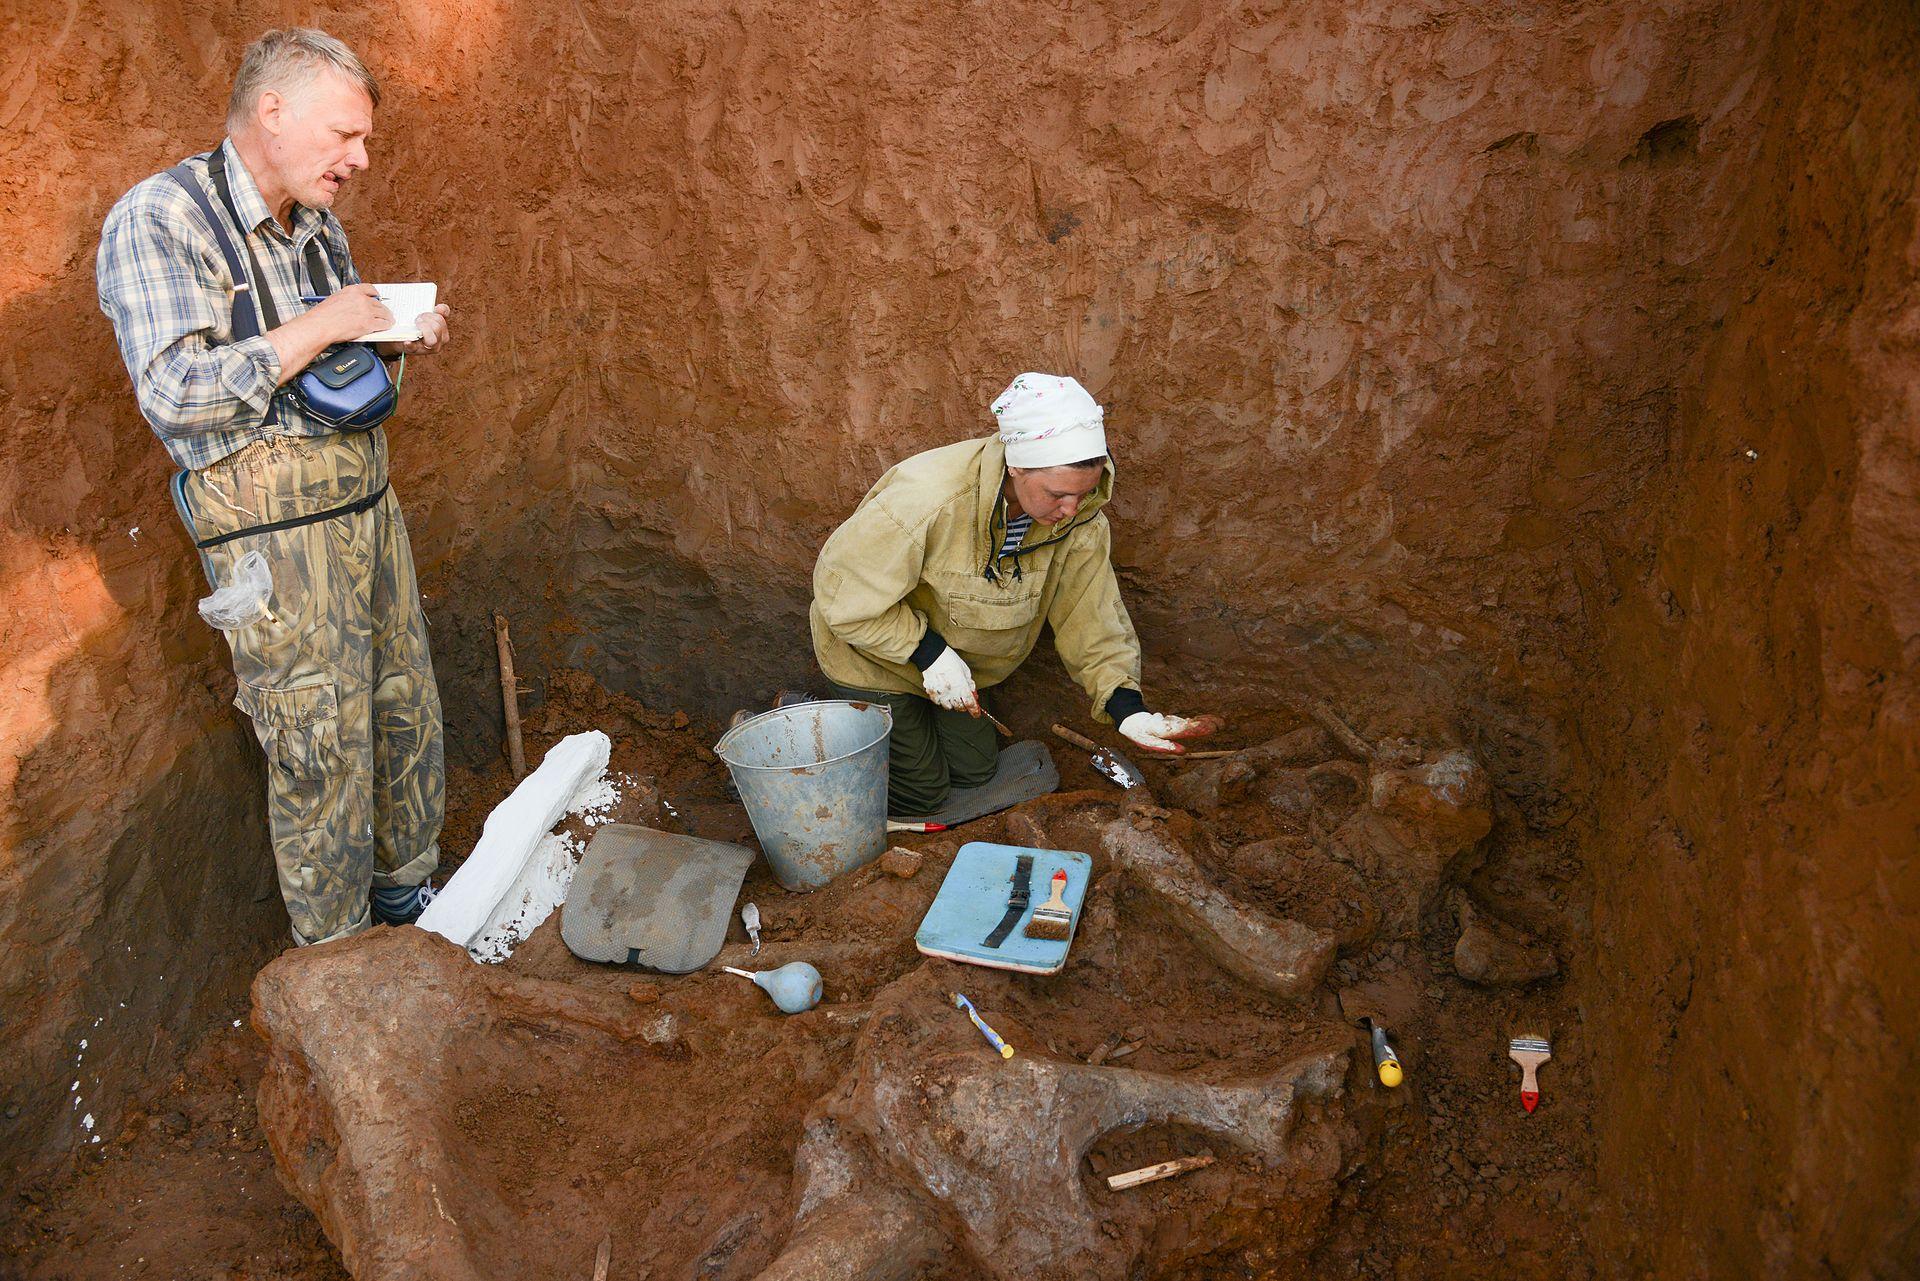 Расчистка костеносного слоя и описание костей скелета трогонтериевого слона - предка шерстистого мамонта.jpg